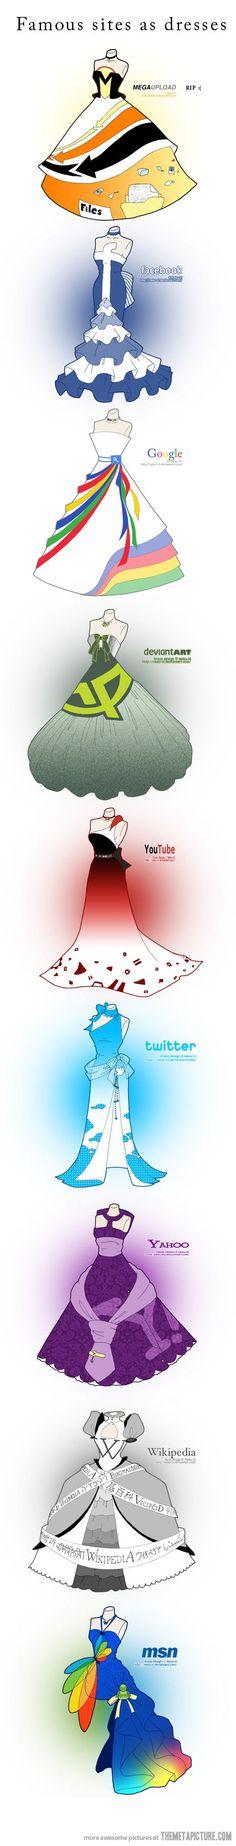 If famous websites were dresses